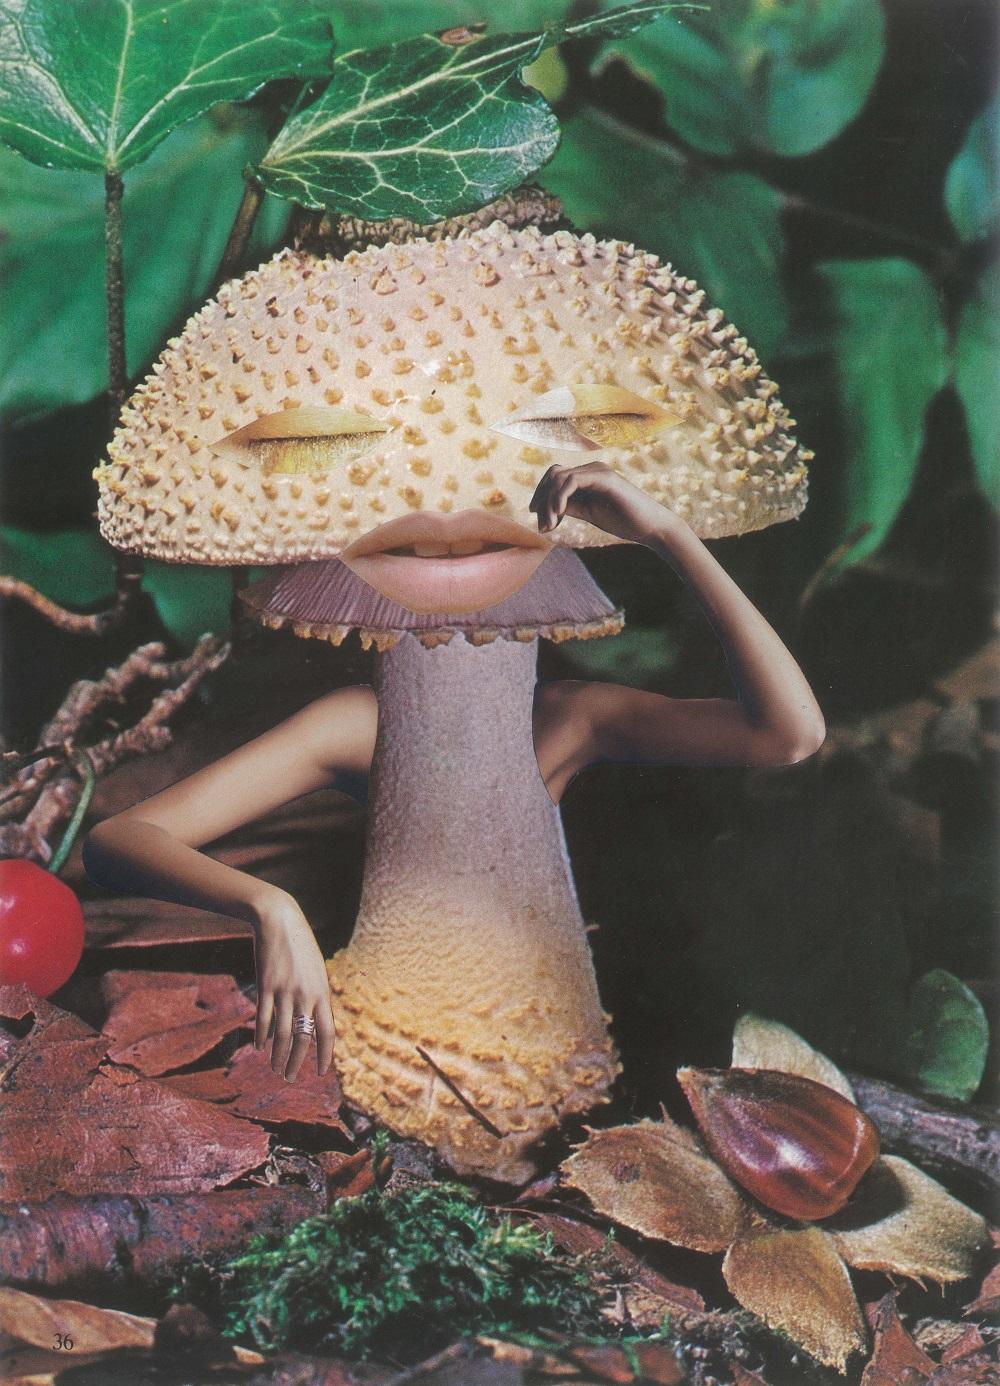 mindful mushroom - Seana Gavin_0.jpg